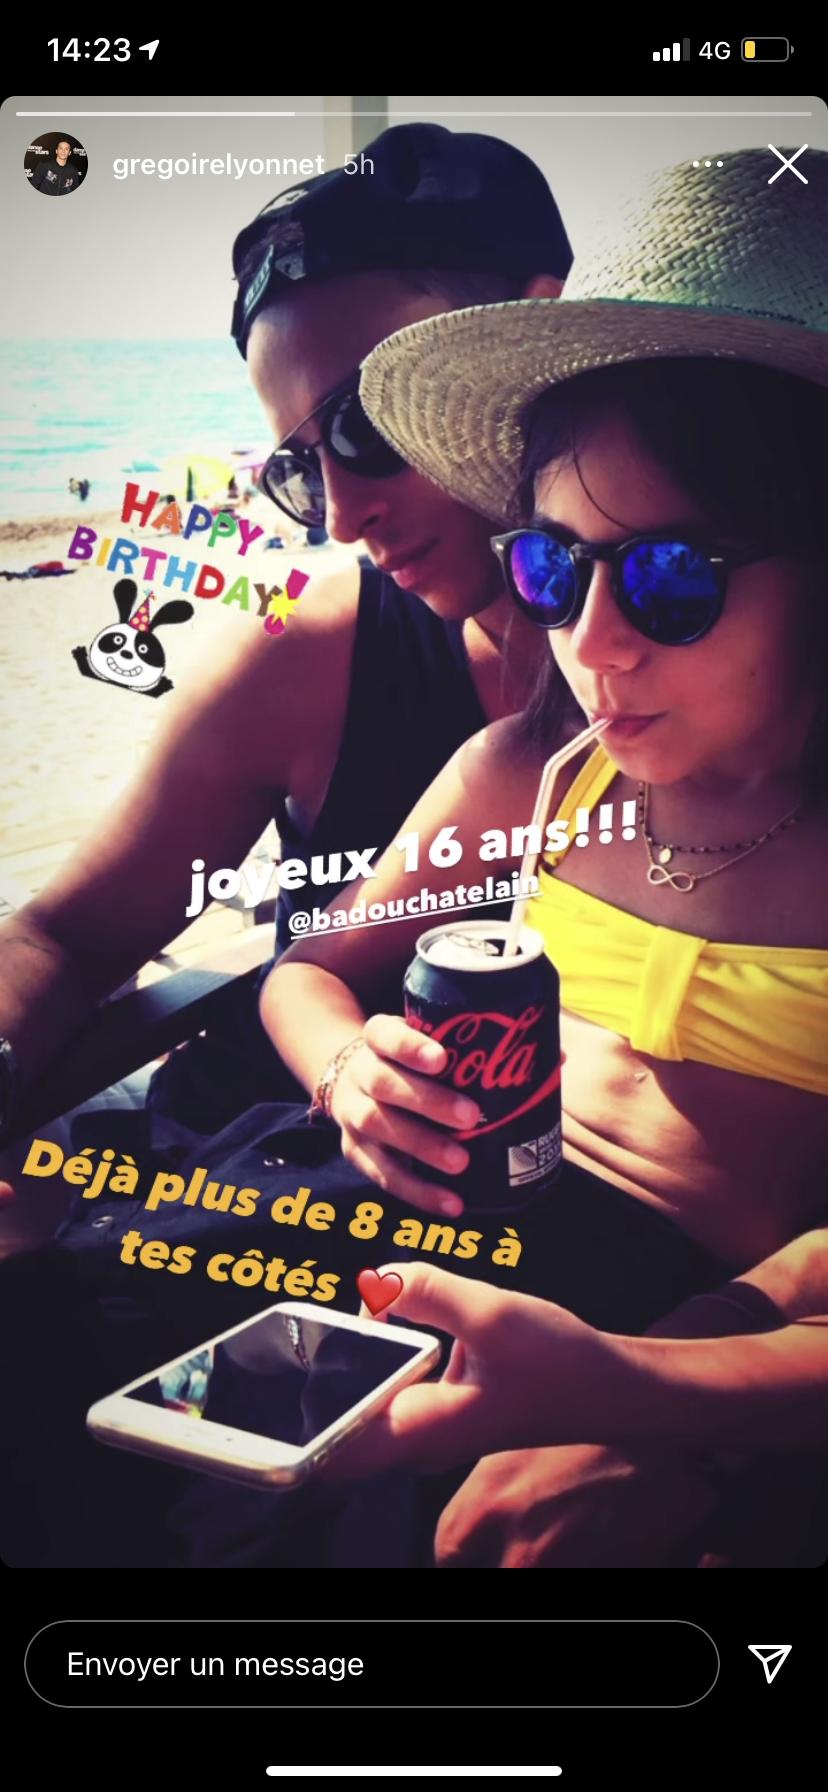 Story postée par Grégoire Lyonnet pour l'anniversaire de la fille d'Alizée, Annily, ce 28 avril 2021